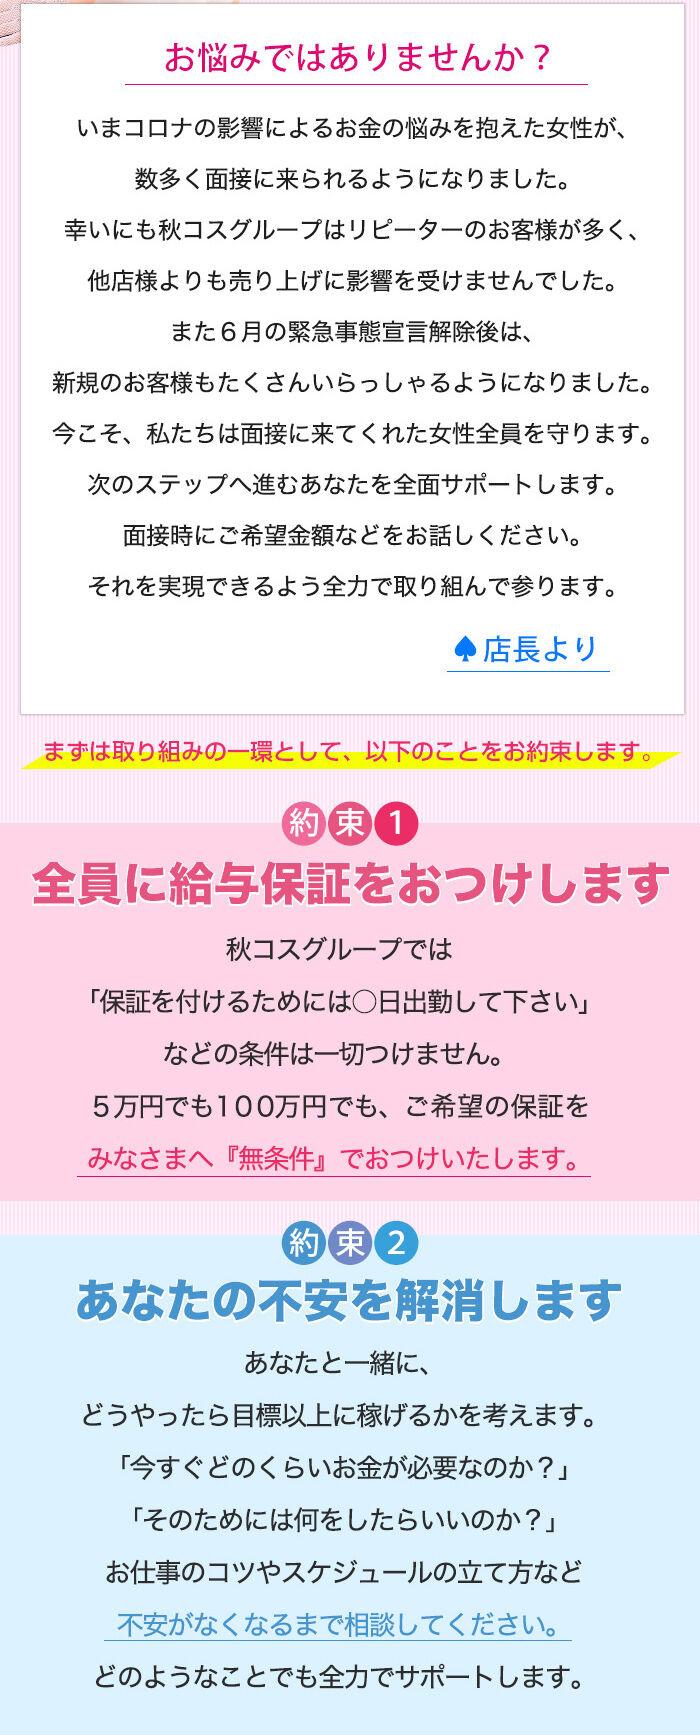 バニラ急募インフォメーション抜粋20200610